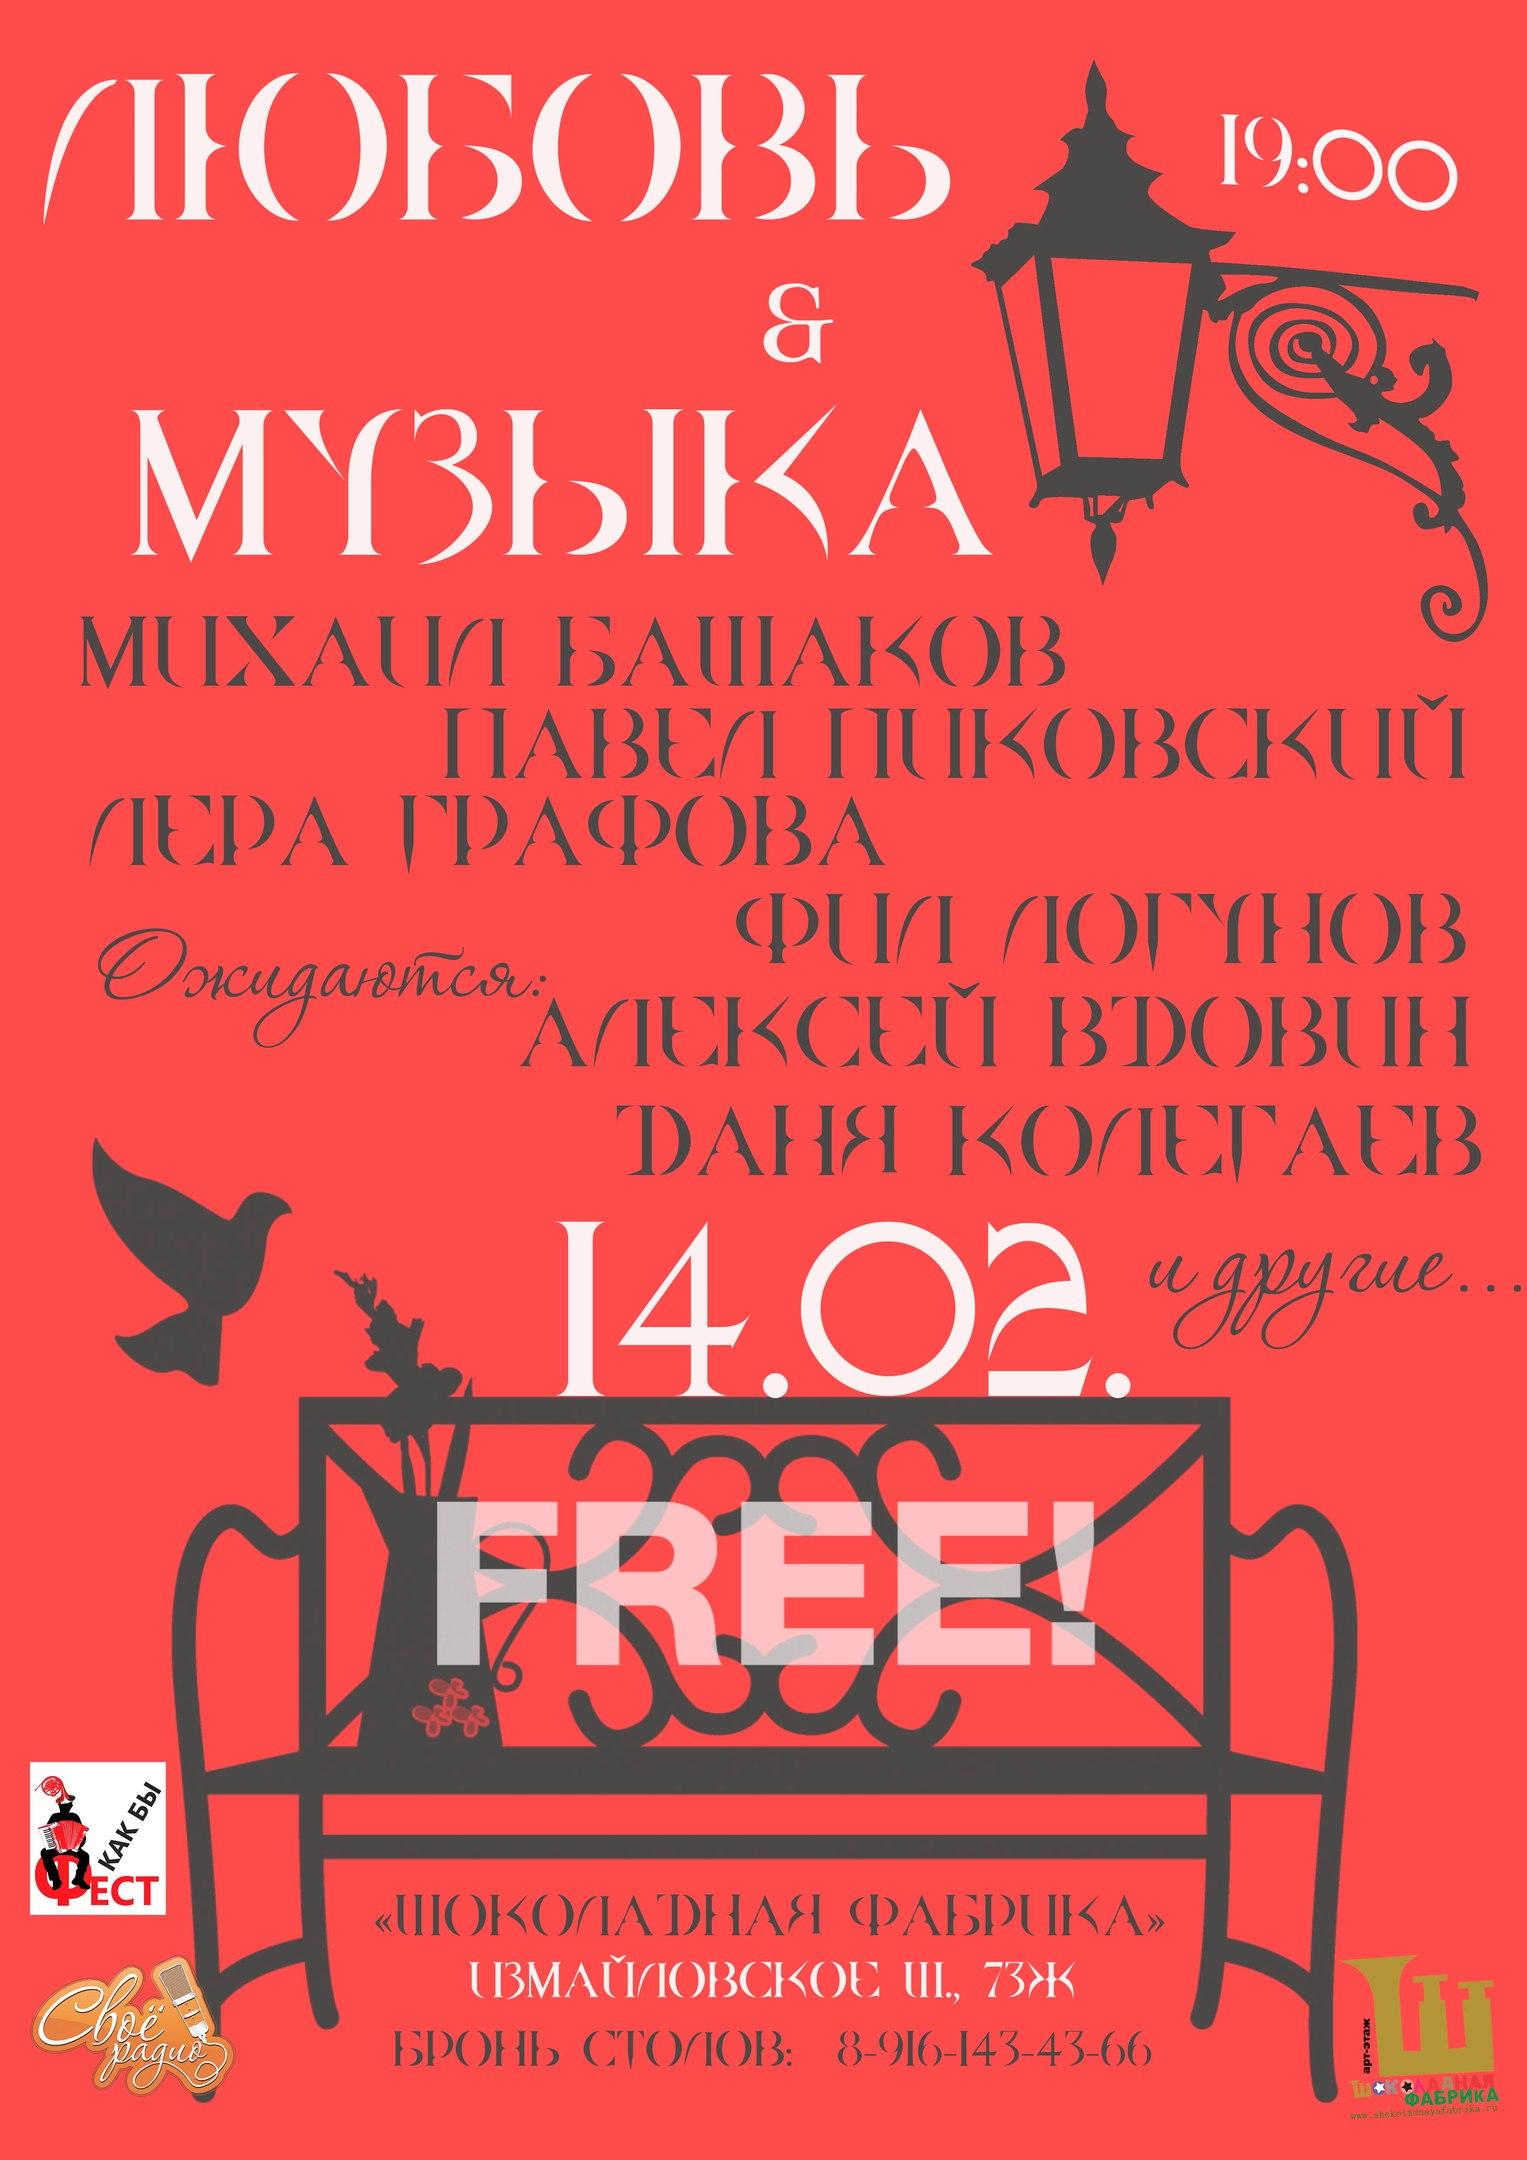 Михаил Башаков Башаков Live In The Rock Bar